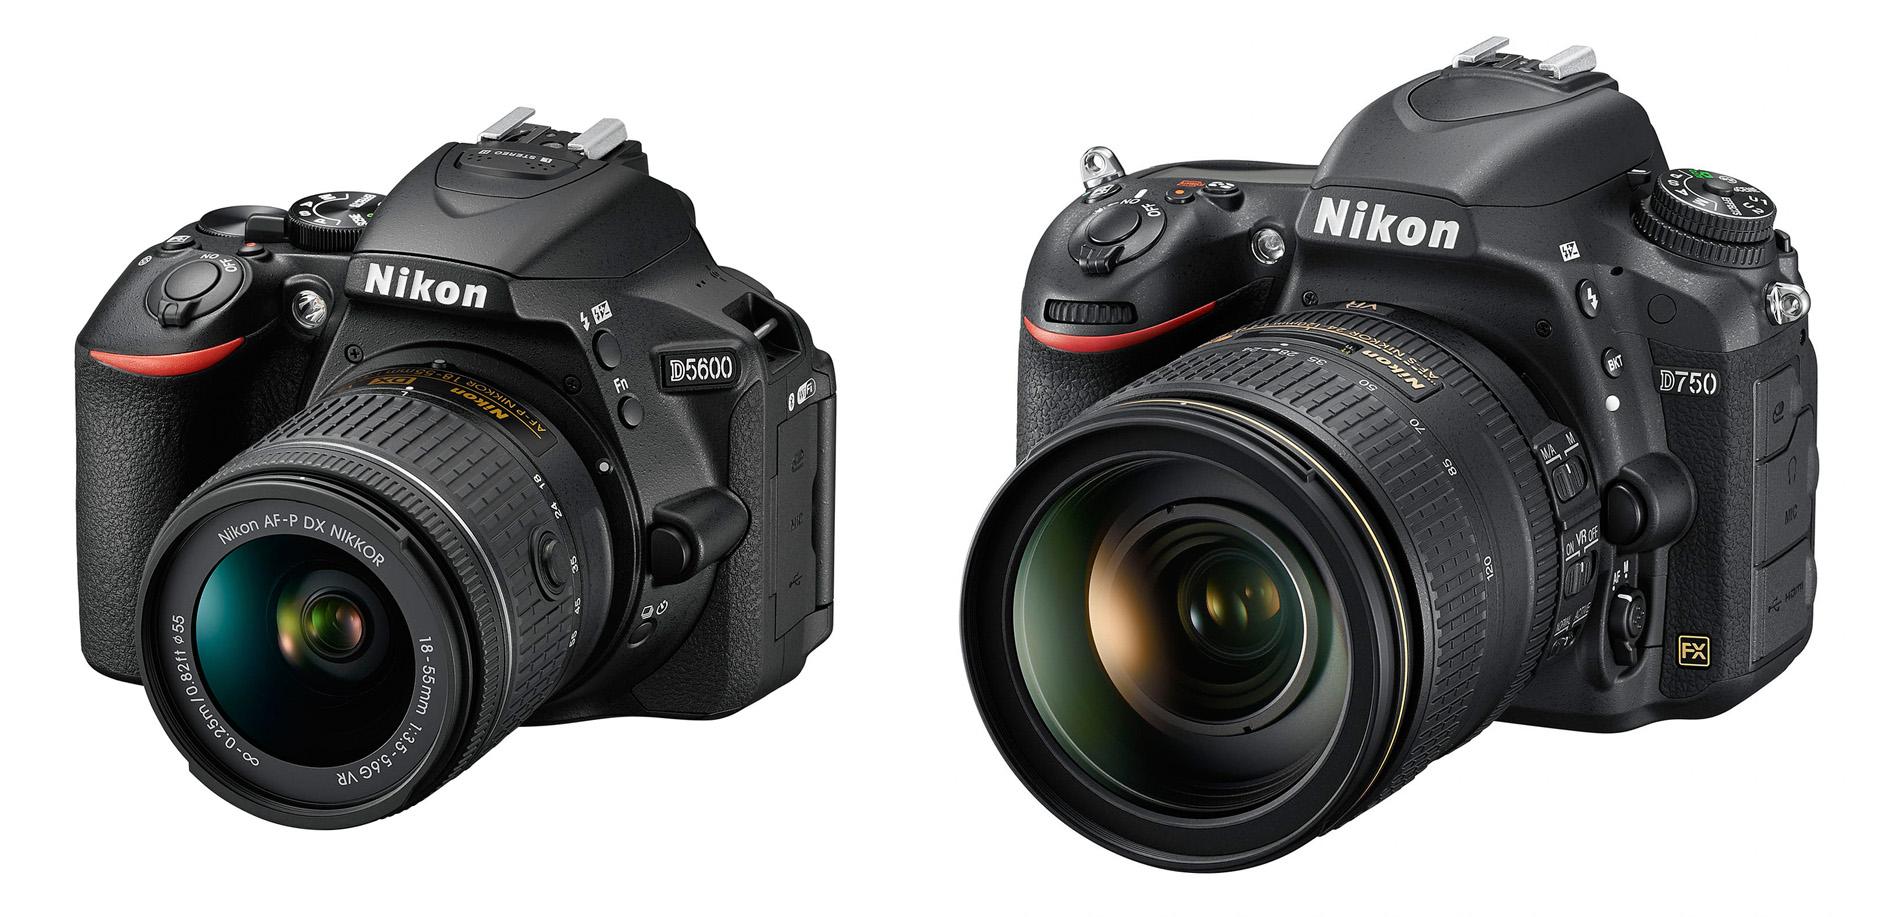 Vlevo střední třída DX zrcadlovek –Nikon D5600, vpravo střední třída FX zrcadlovek –Nikon D750